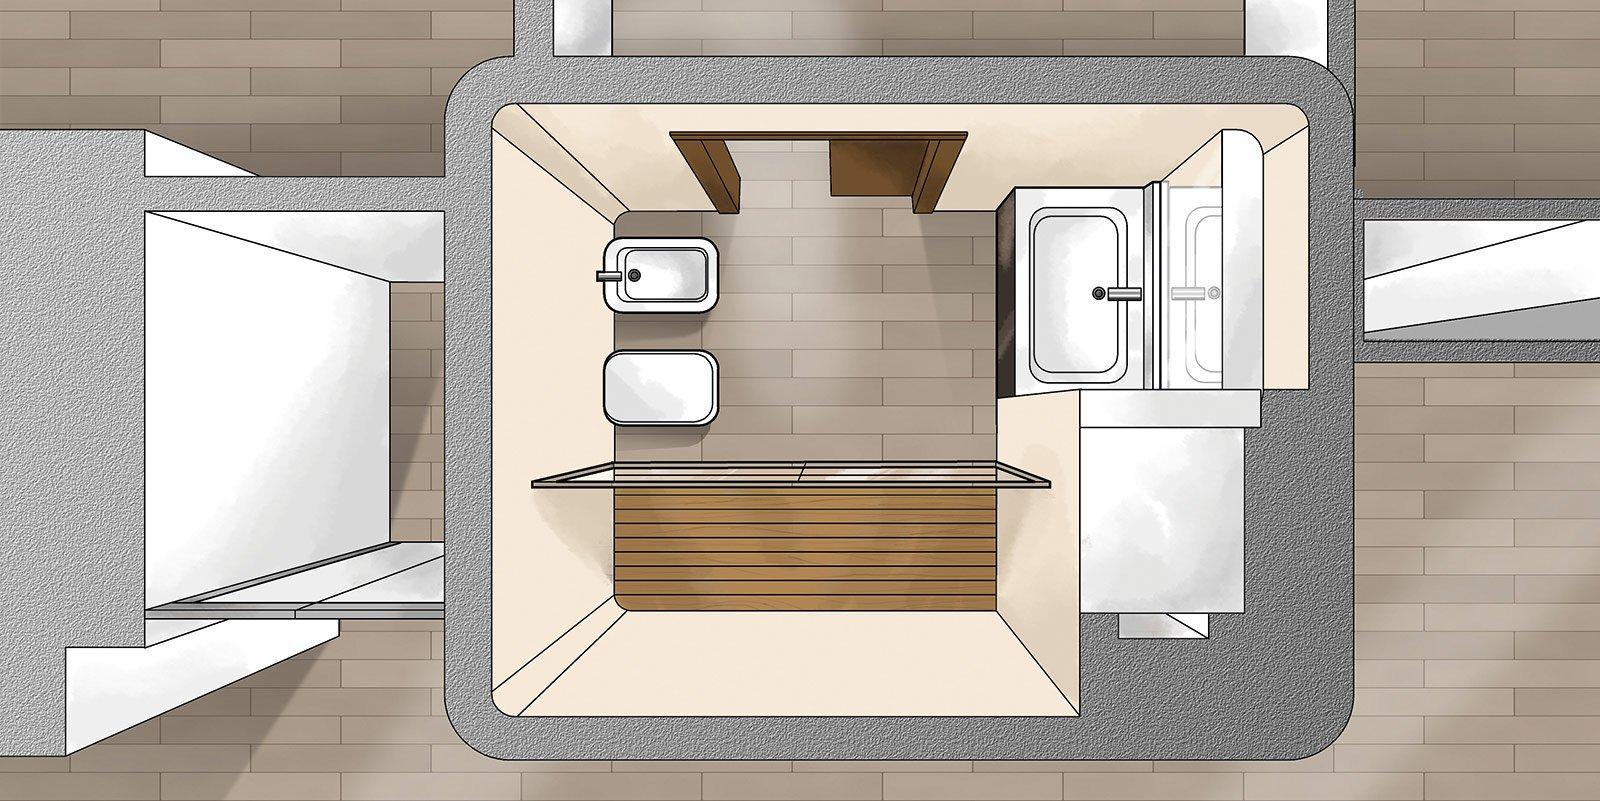 Suddivisioni ottimizzate per la casa di meno di 100 mq - Dimensioni water piccolo ...